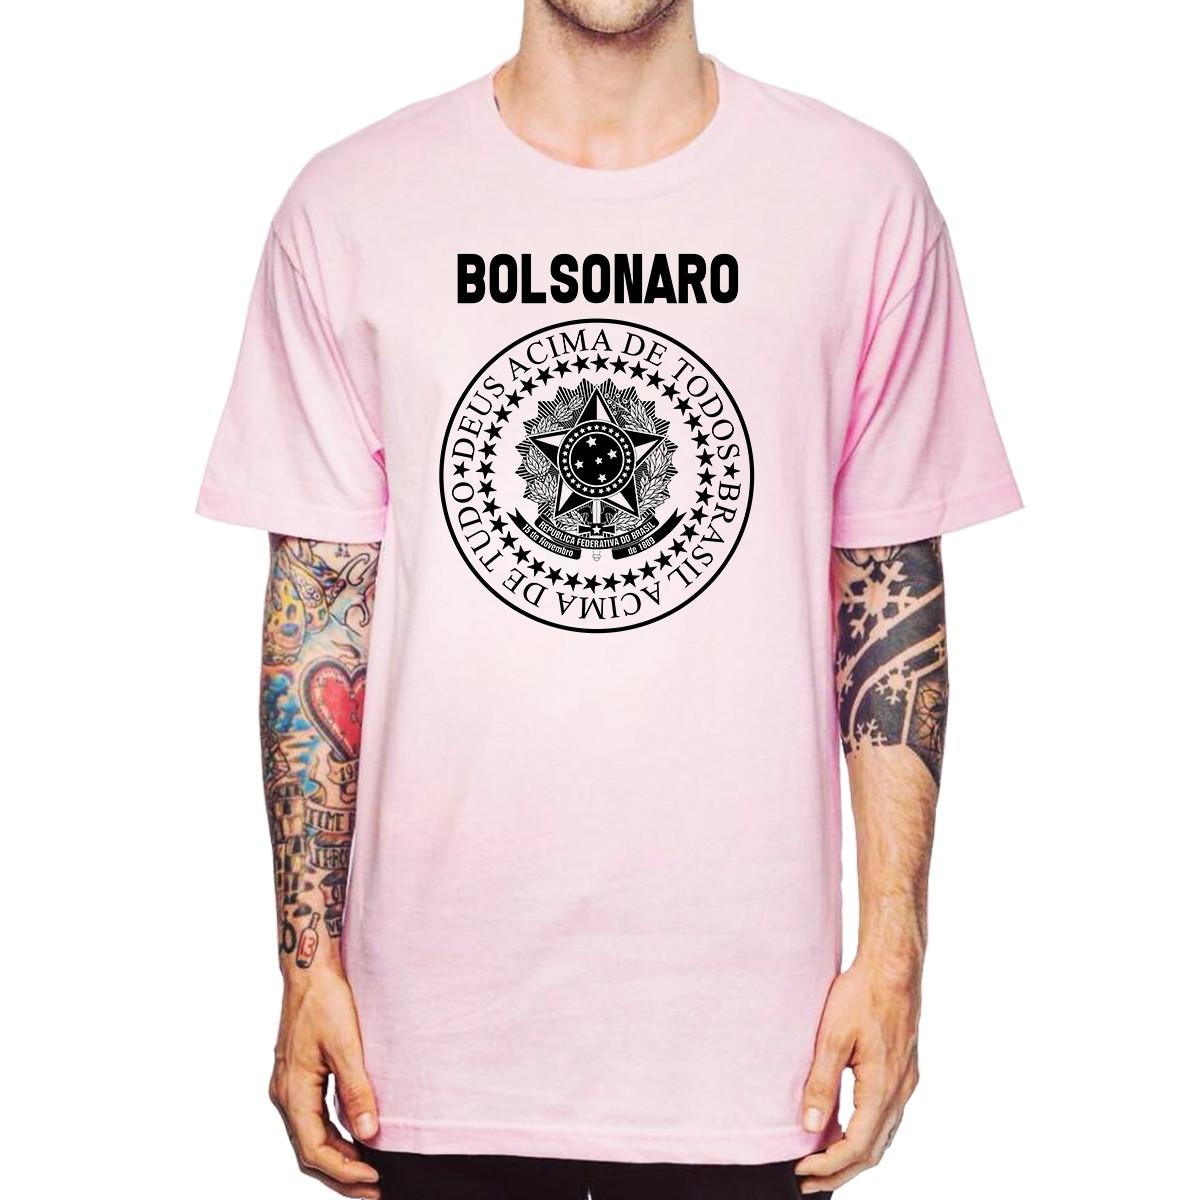 Camisa Jair Bolsonaro Presidente PSL 17 Camiseta BolsoMito no Elo7 ... 9a1d0928a2637